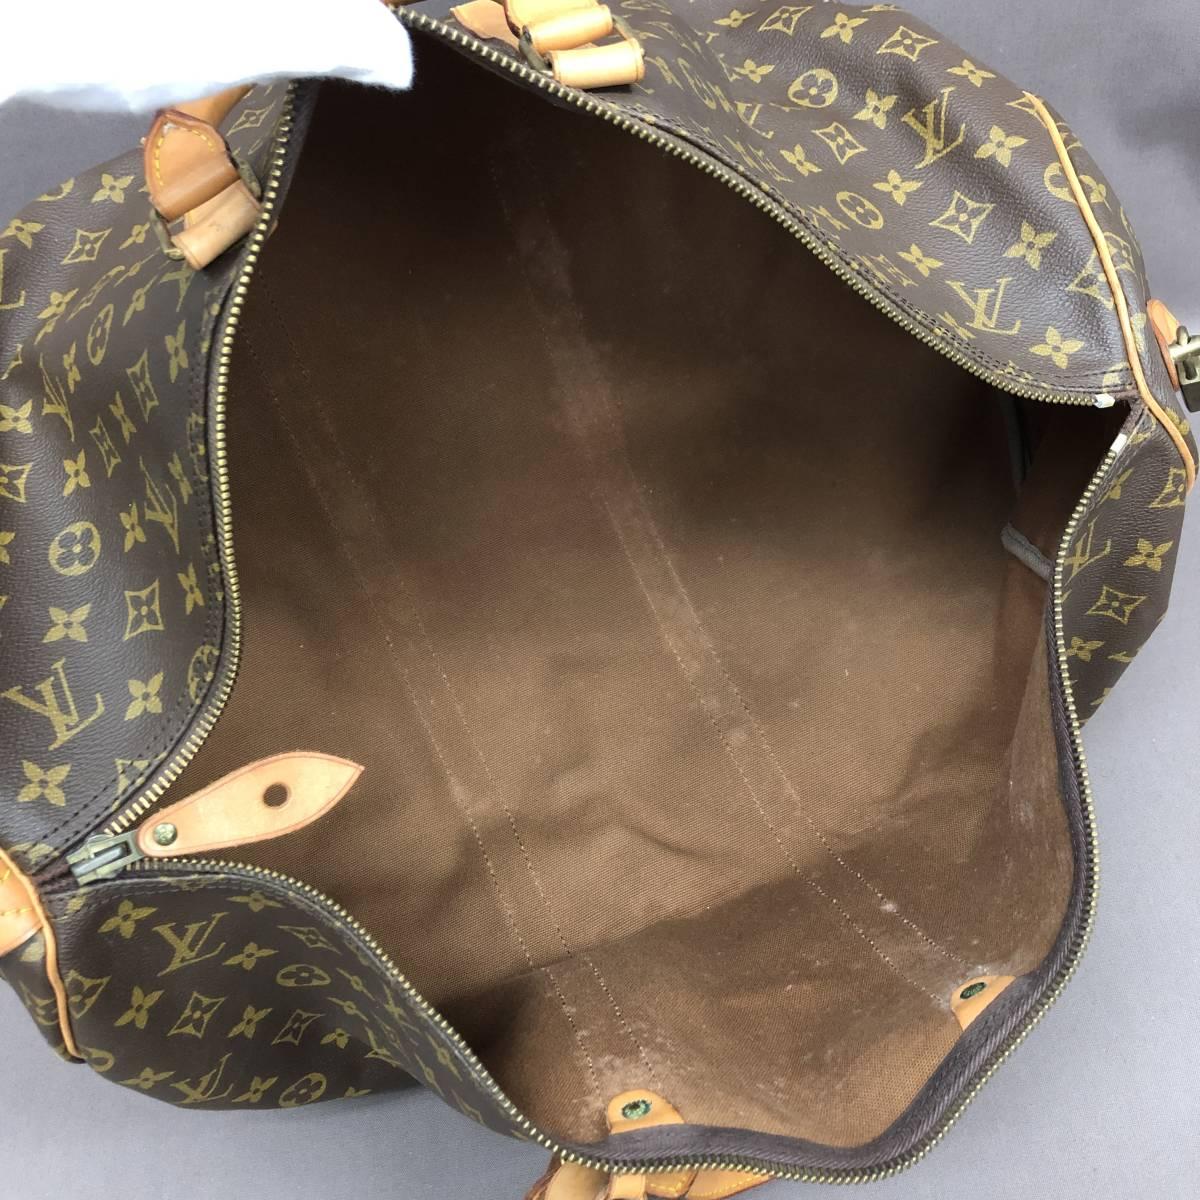 [TI4] ルイヴィトン モノグラム キーポル 55 ボストンバッグ 旅行カバン ハンドバッグ M41424 LOUIS VUITTON_画像6